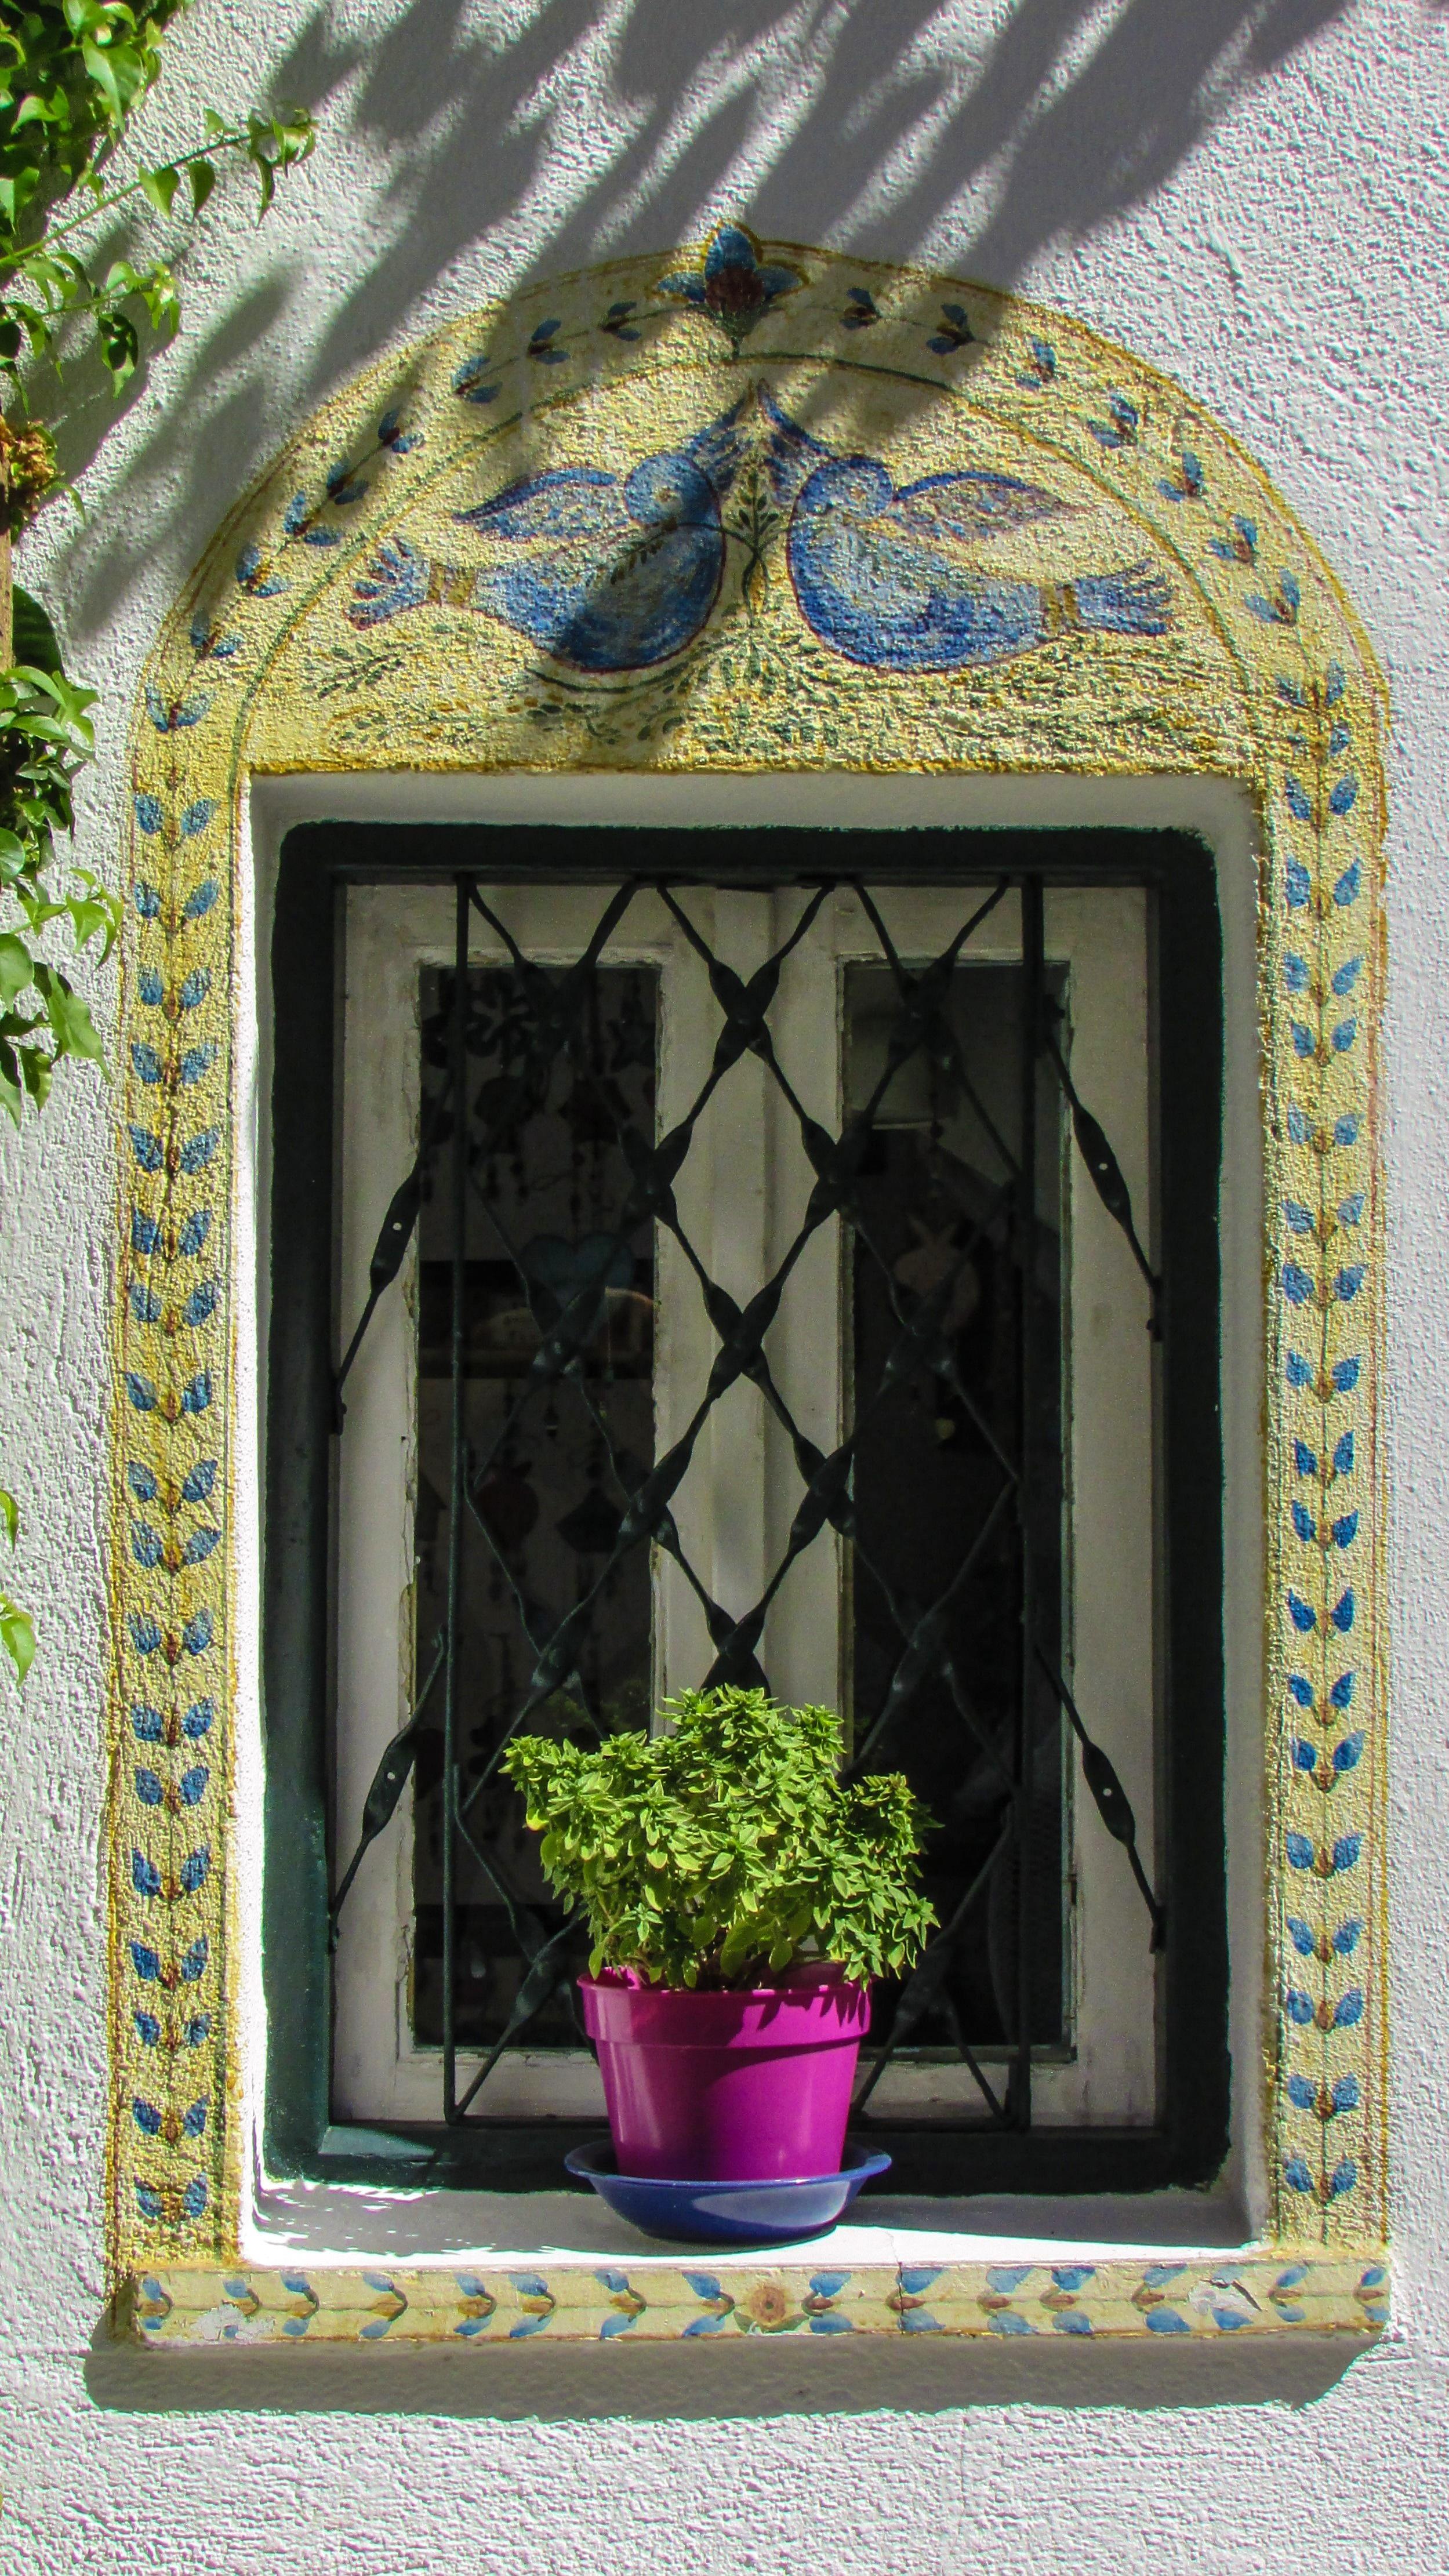 Kostenlose foto : Haus, Blume, Fenster, Glas, Bogen, Grün ...